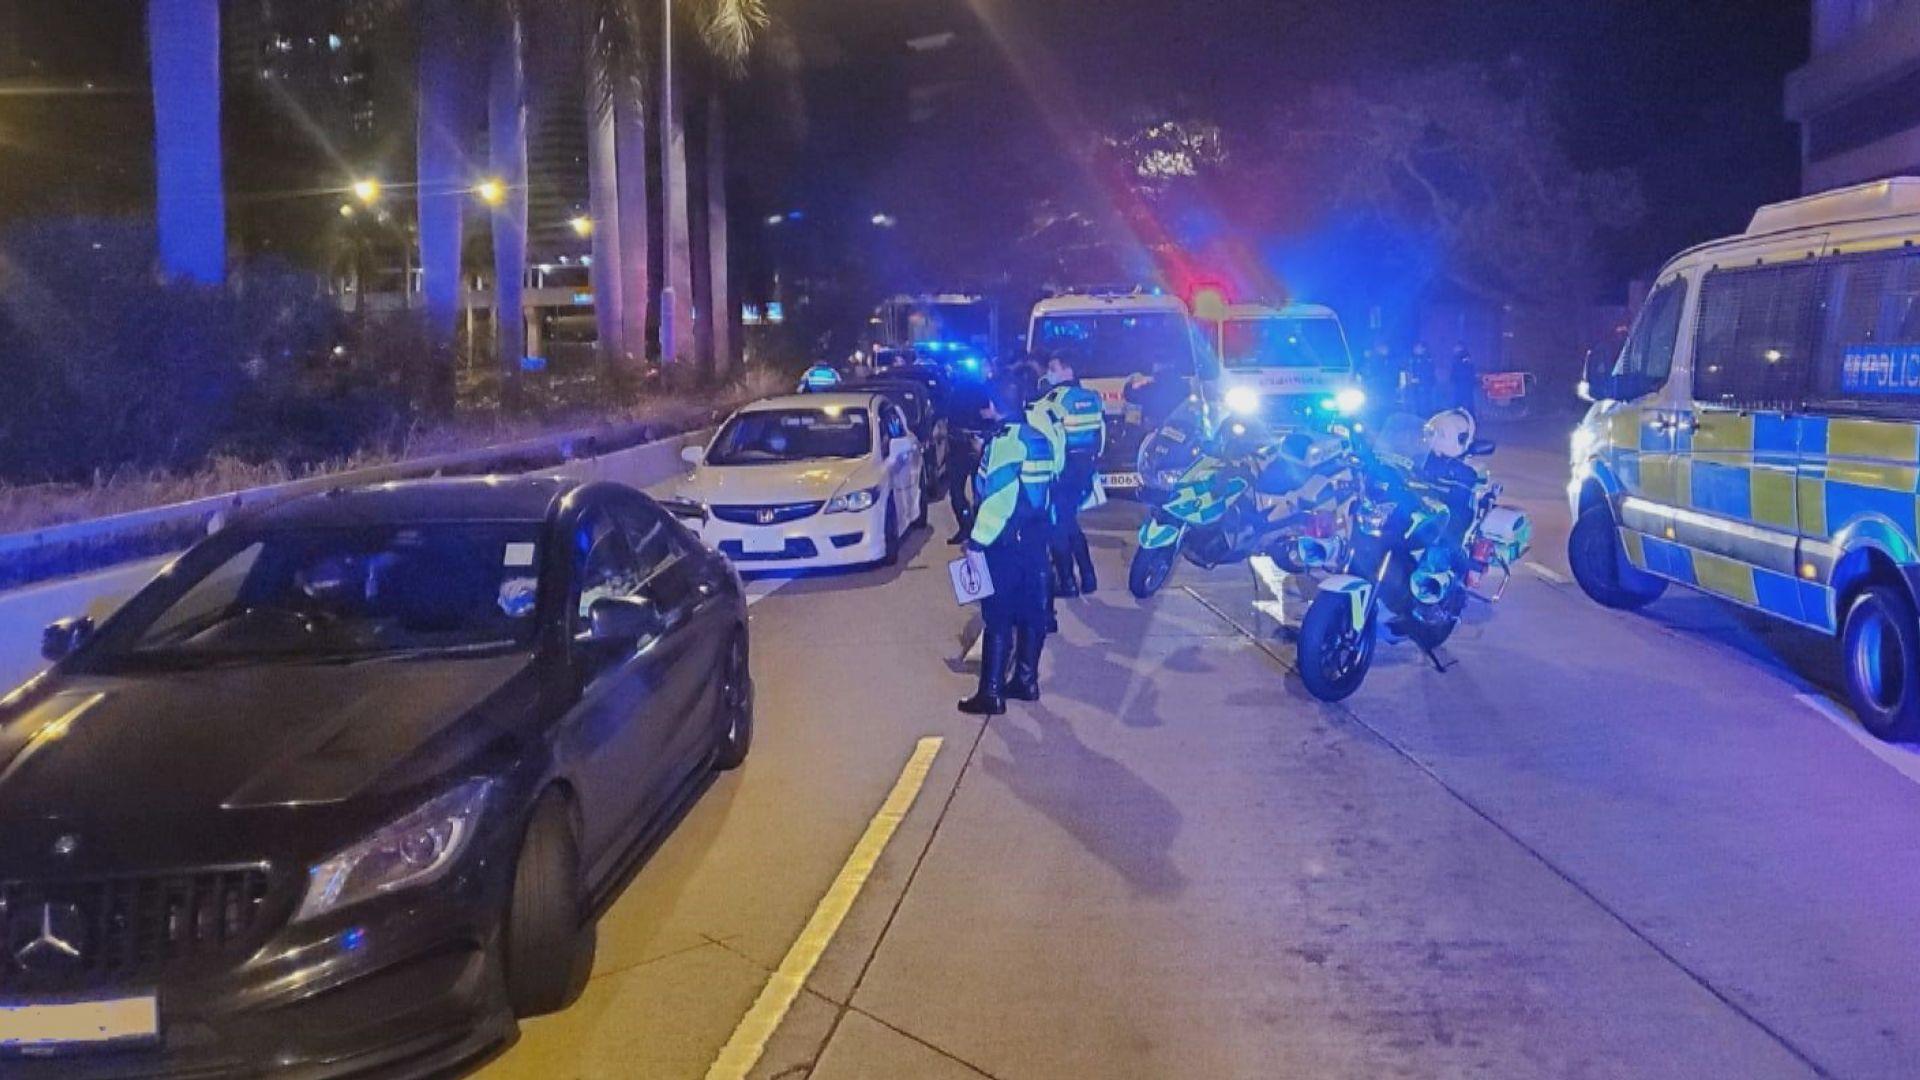 警方拘十七人涉非法賽車 其中兩人涉危險駕駛